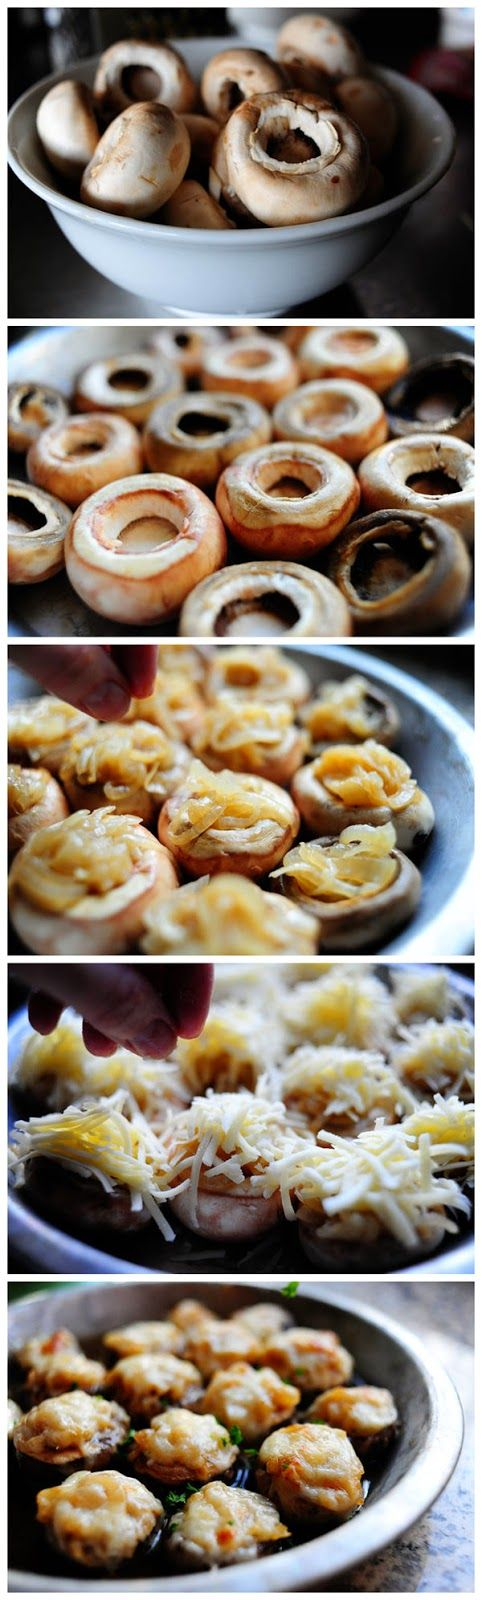 French Onion Soup Stuffed Mushrooms | Yummy Food | Pinterest